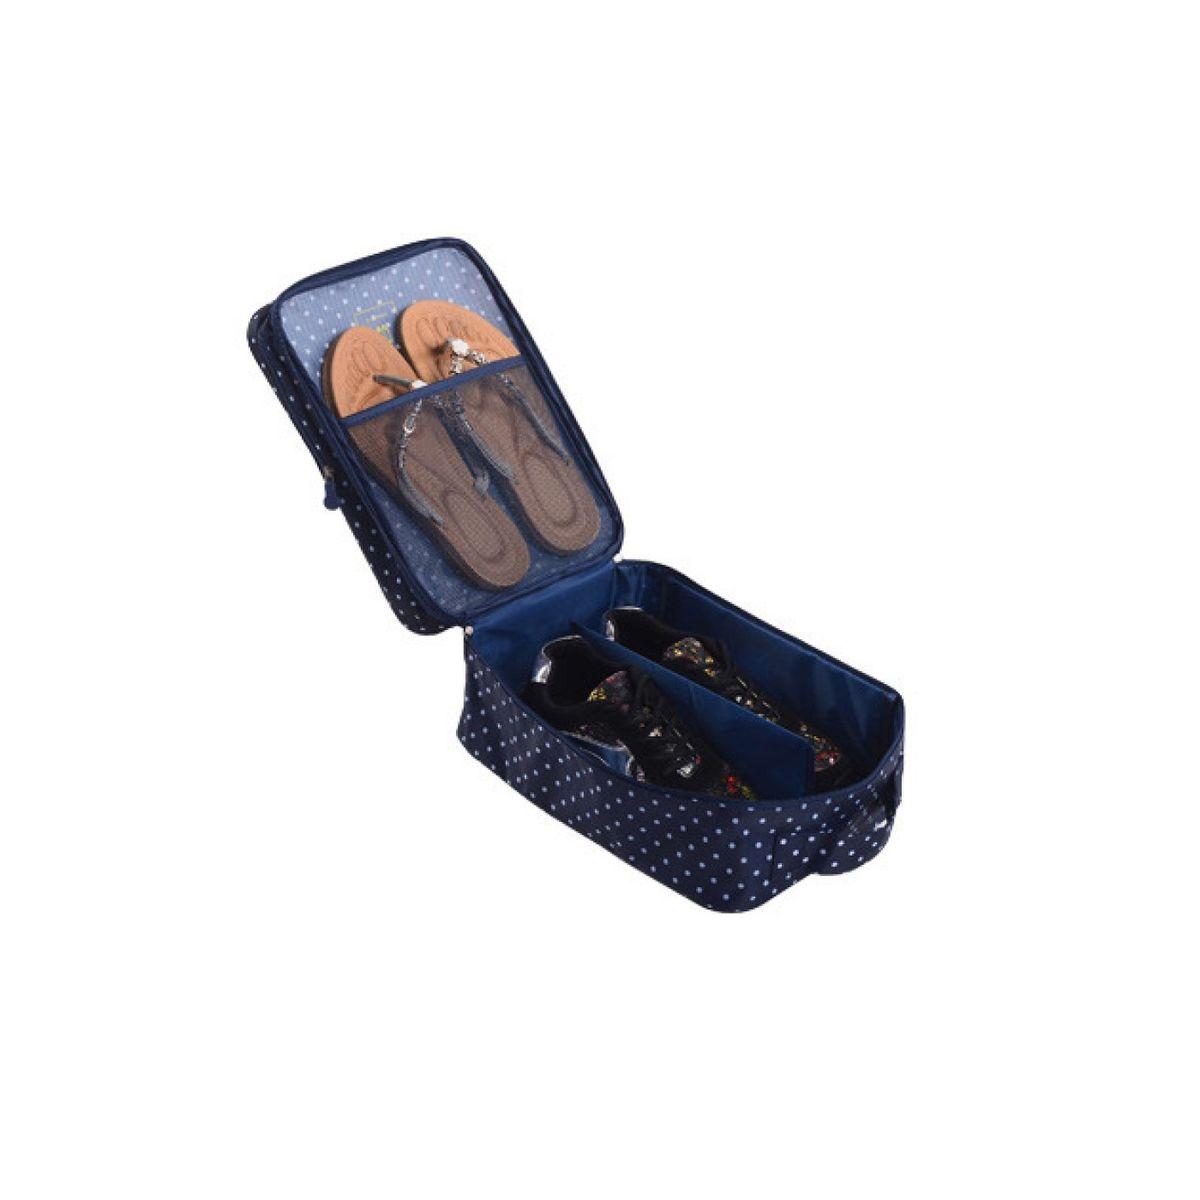 Органайзер для обуви Homsu, 32 x 20 x 13 смHOM-410Органайзер для обуви Homsu изготовлениз 100% полиэстера. Экономичная заменапластиковым пакетам и громоздким коробкам.Органайзер закрывается на молнию. Имеется ручкадля удобной переноски. Внутриорганайзер разделен на 2 отделения для обуви сдополнительным сетчатым кармашком. Очень компактный и очень удобный, такойорганайзерпоможет вам хранить обувь в чистоте и порядке. Размер: 32 х 20 х 13 см.